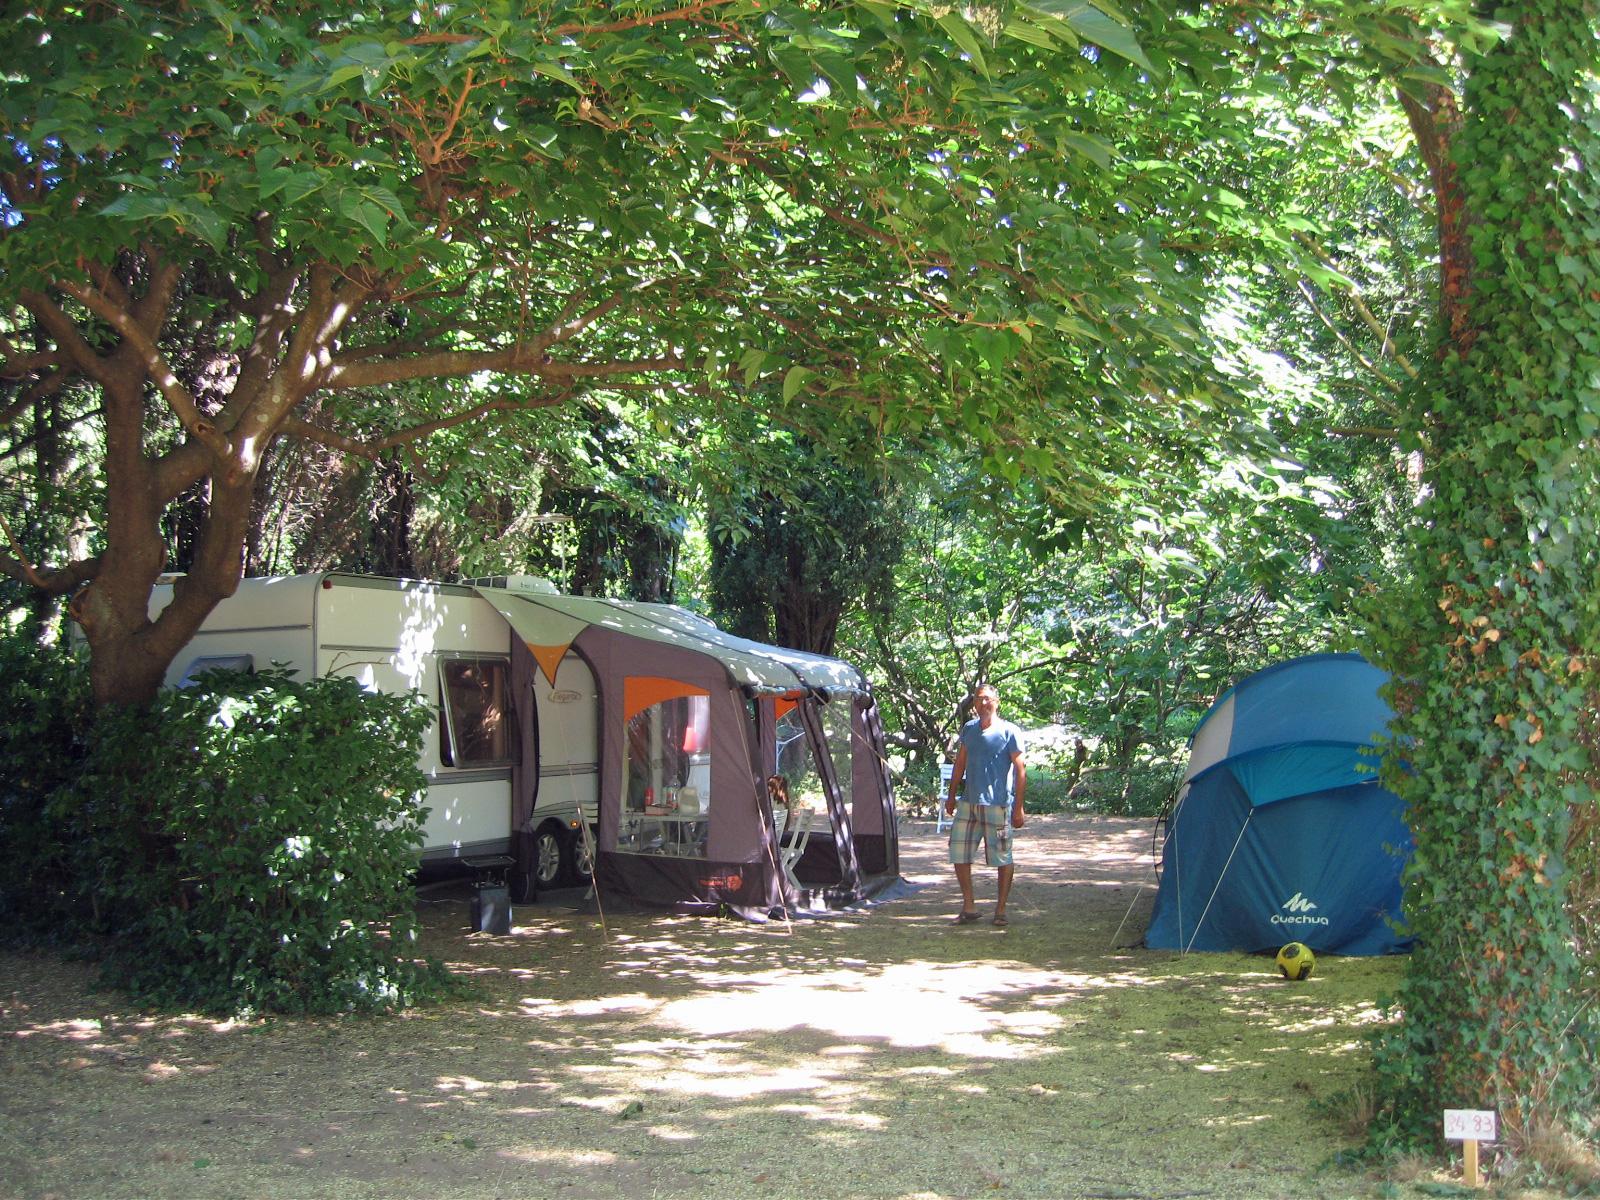 Emplacement - Forfait Premium (1 Tente, Caravane Ou Camping-Car / 1 Voiture / Électricité 10A) - Bord De Rivière + Wifi Gratuit - Camping Les Tomasses